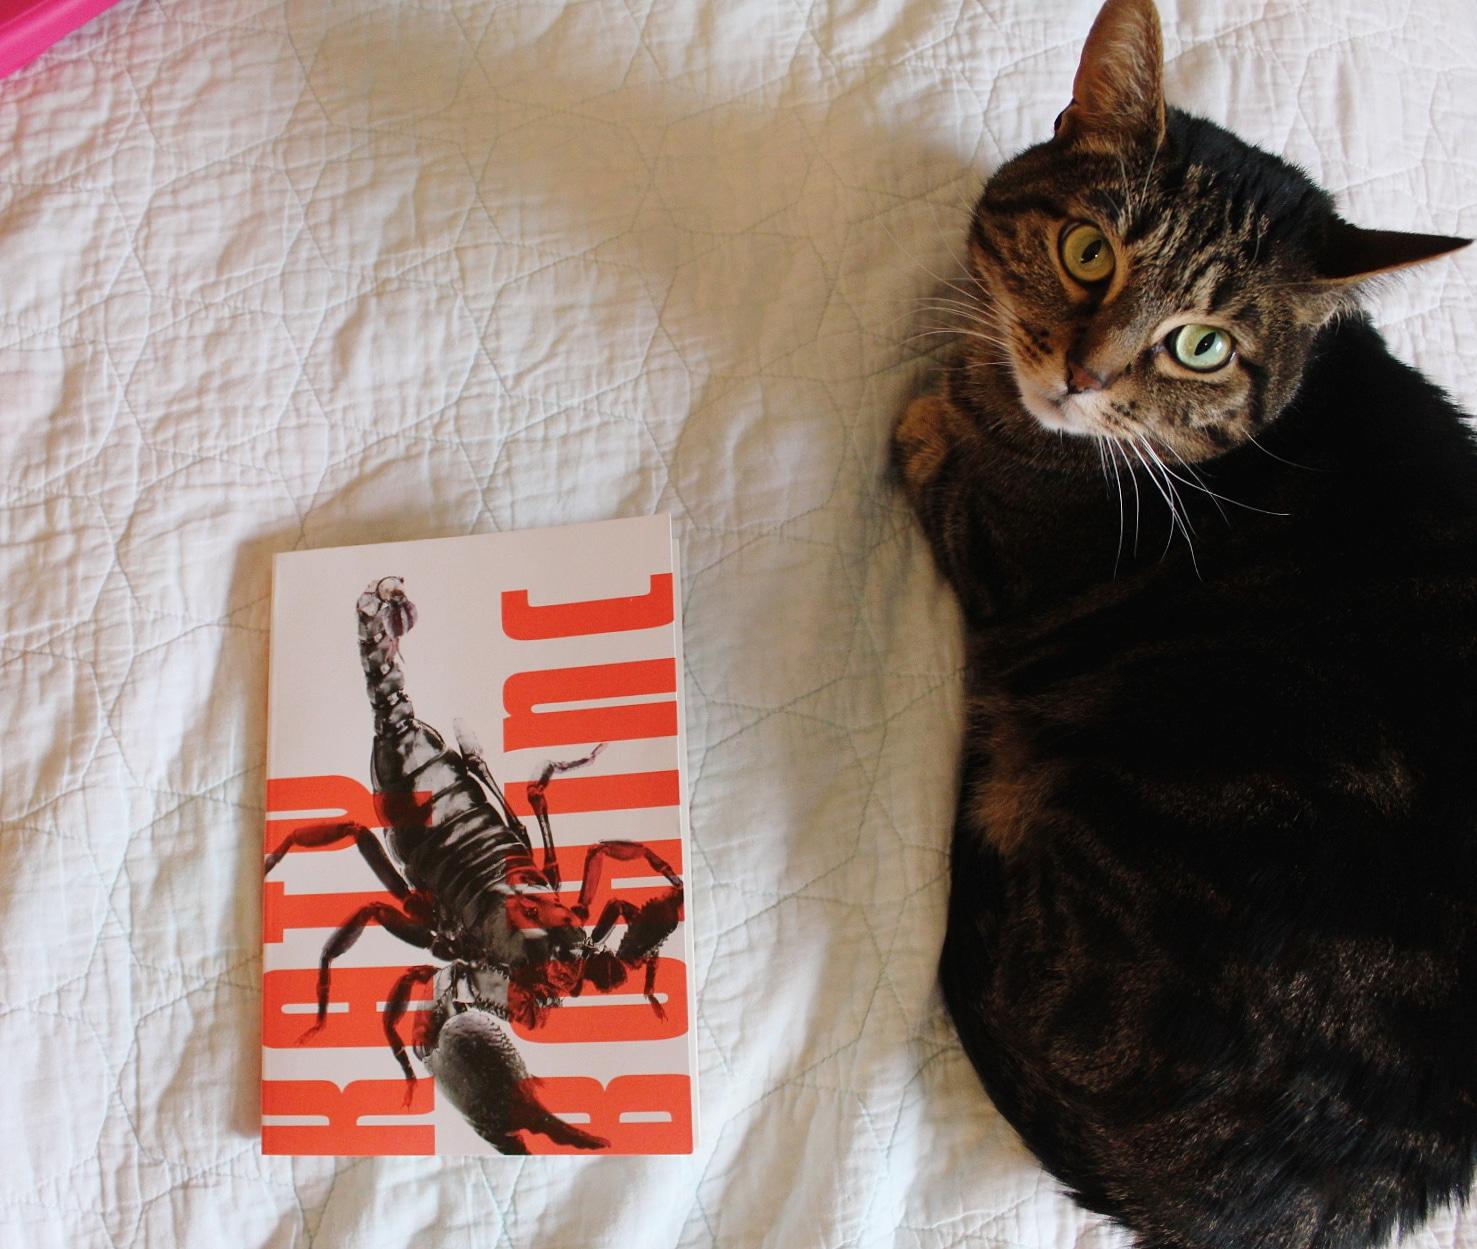 Soup posing with SCORPIO by Katy Bohinc (Miami University Press, 2018)